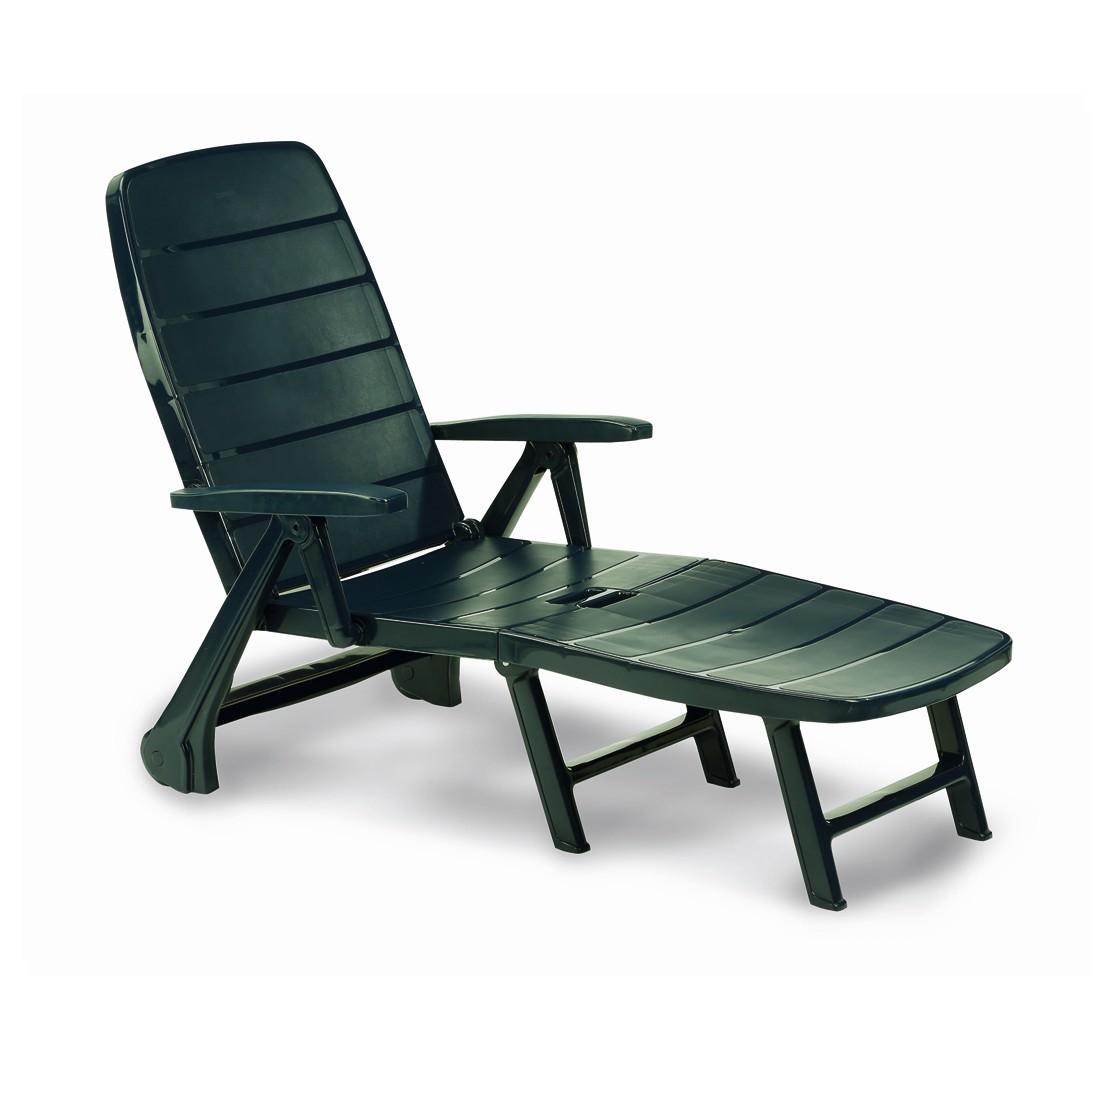 Sedia sdraio lettino pieghevole in plastica bica prezzi - Sdraio in plastica da giardino ...